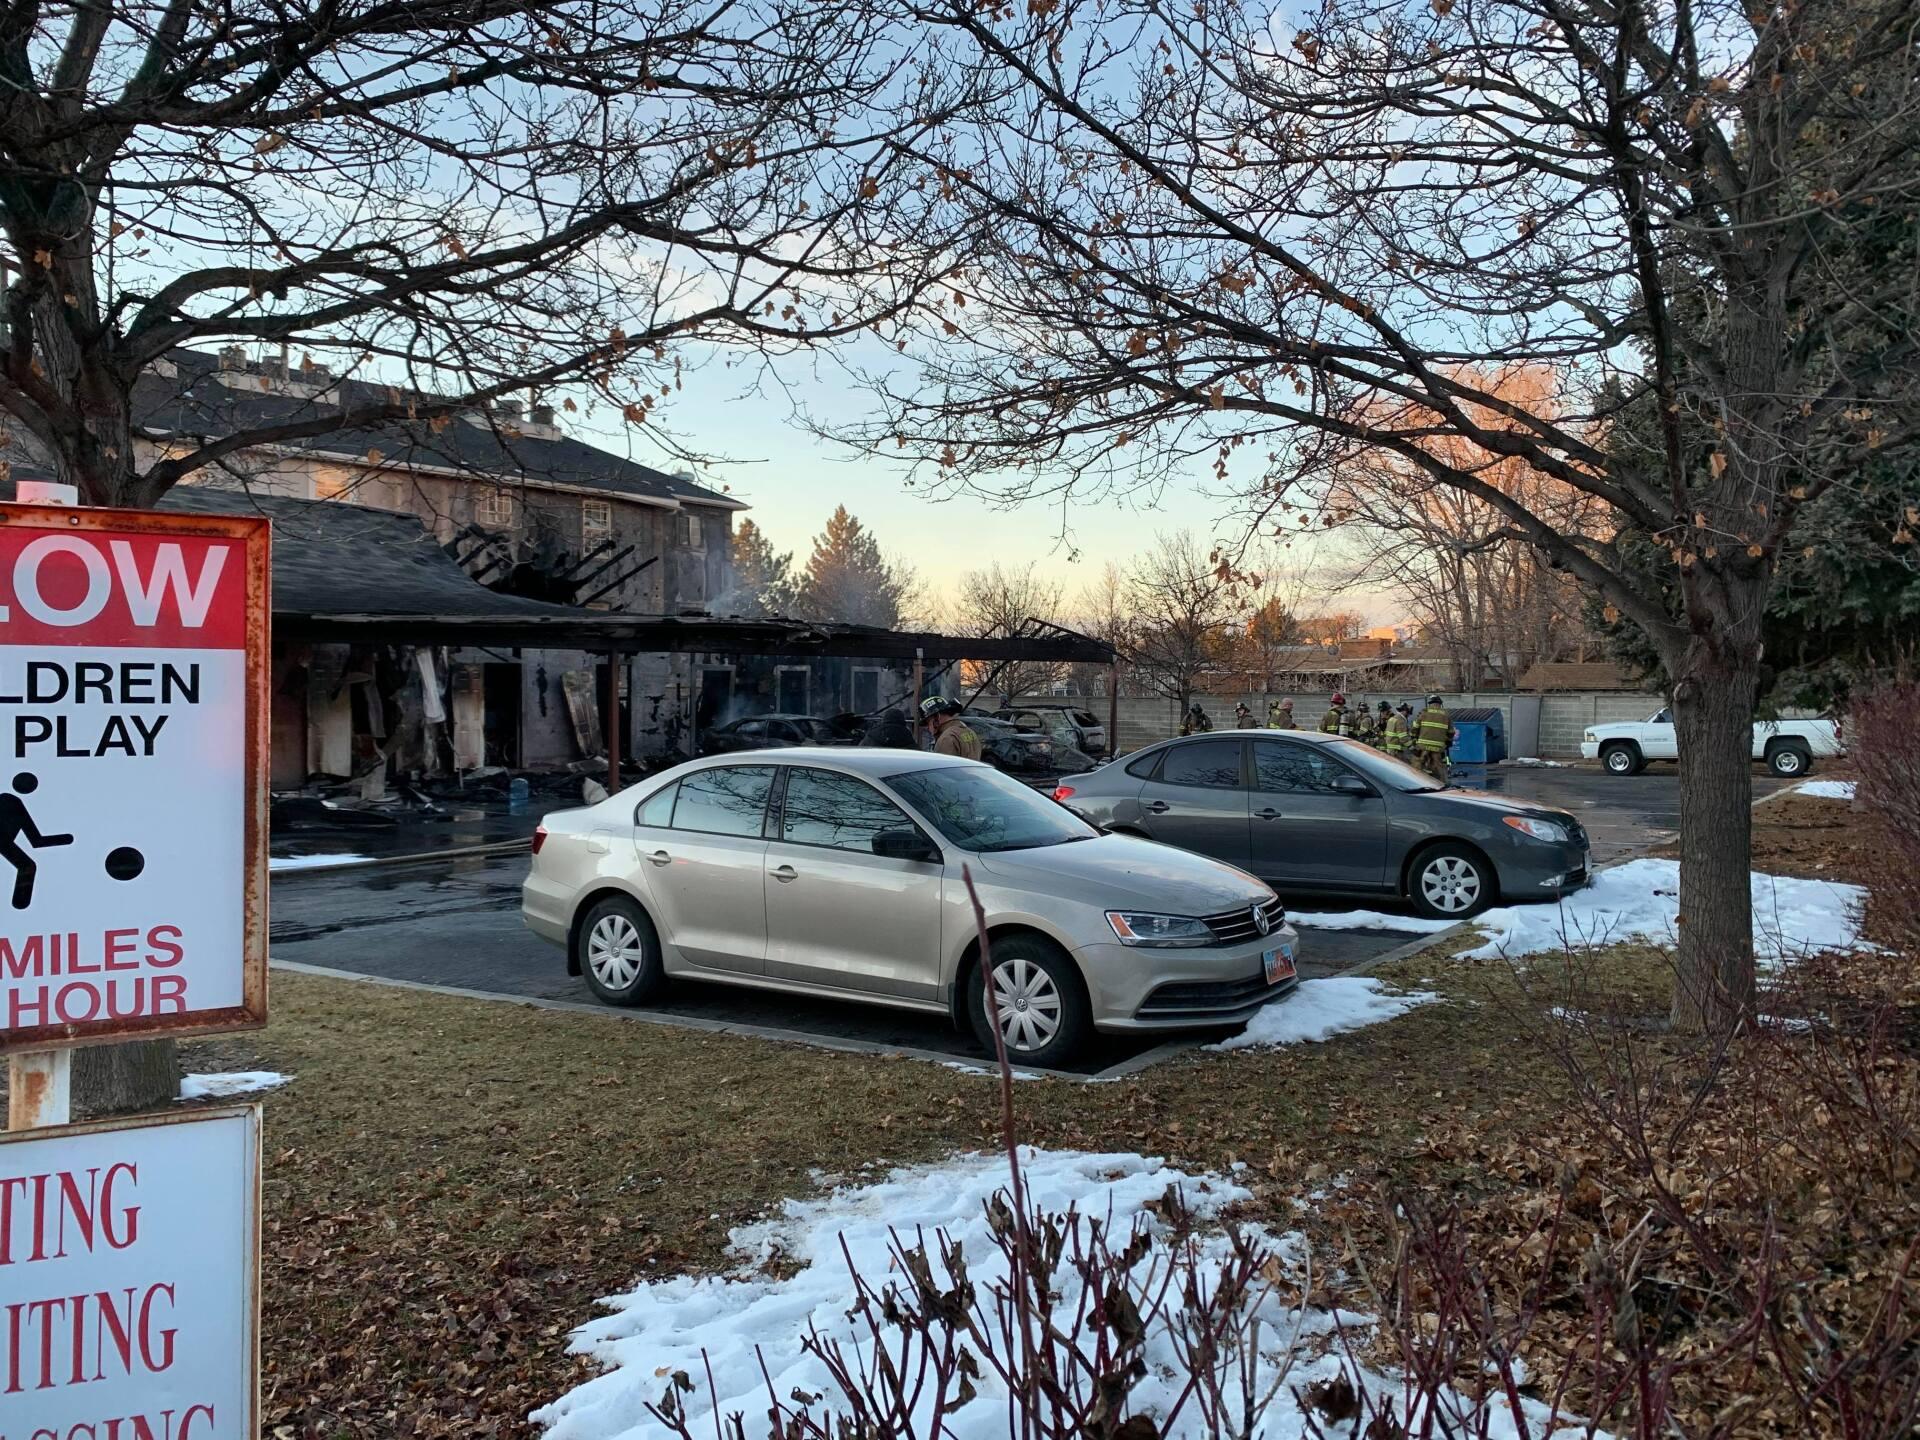 Photos: Fire destroys storage units, cars outside Orem apartmentcomplex